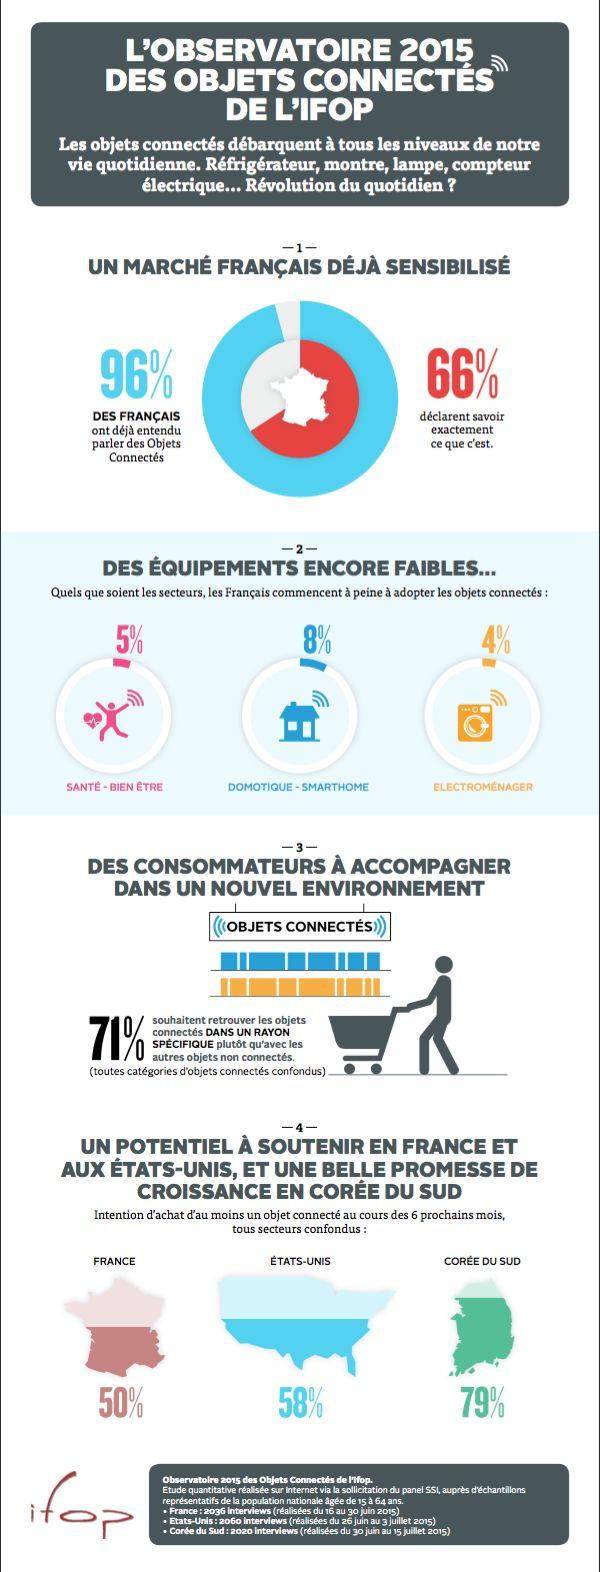 1 français sur 2 va acheter un objet connecté dans les 6 mois